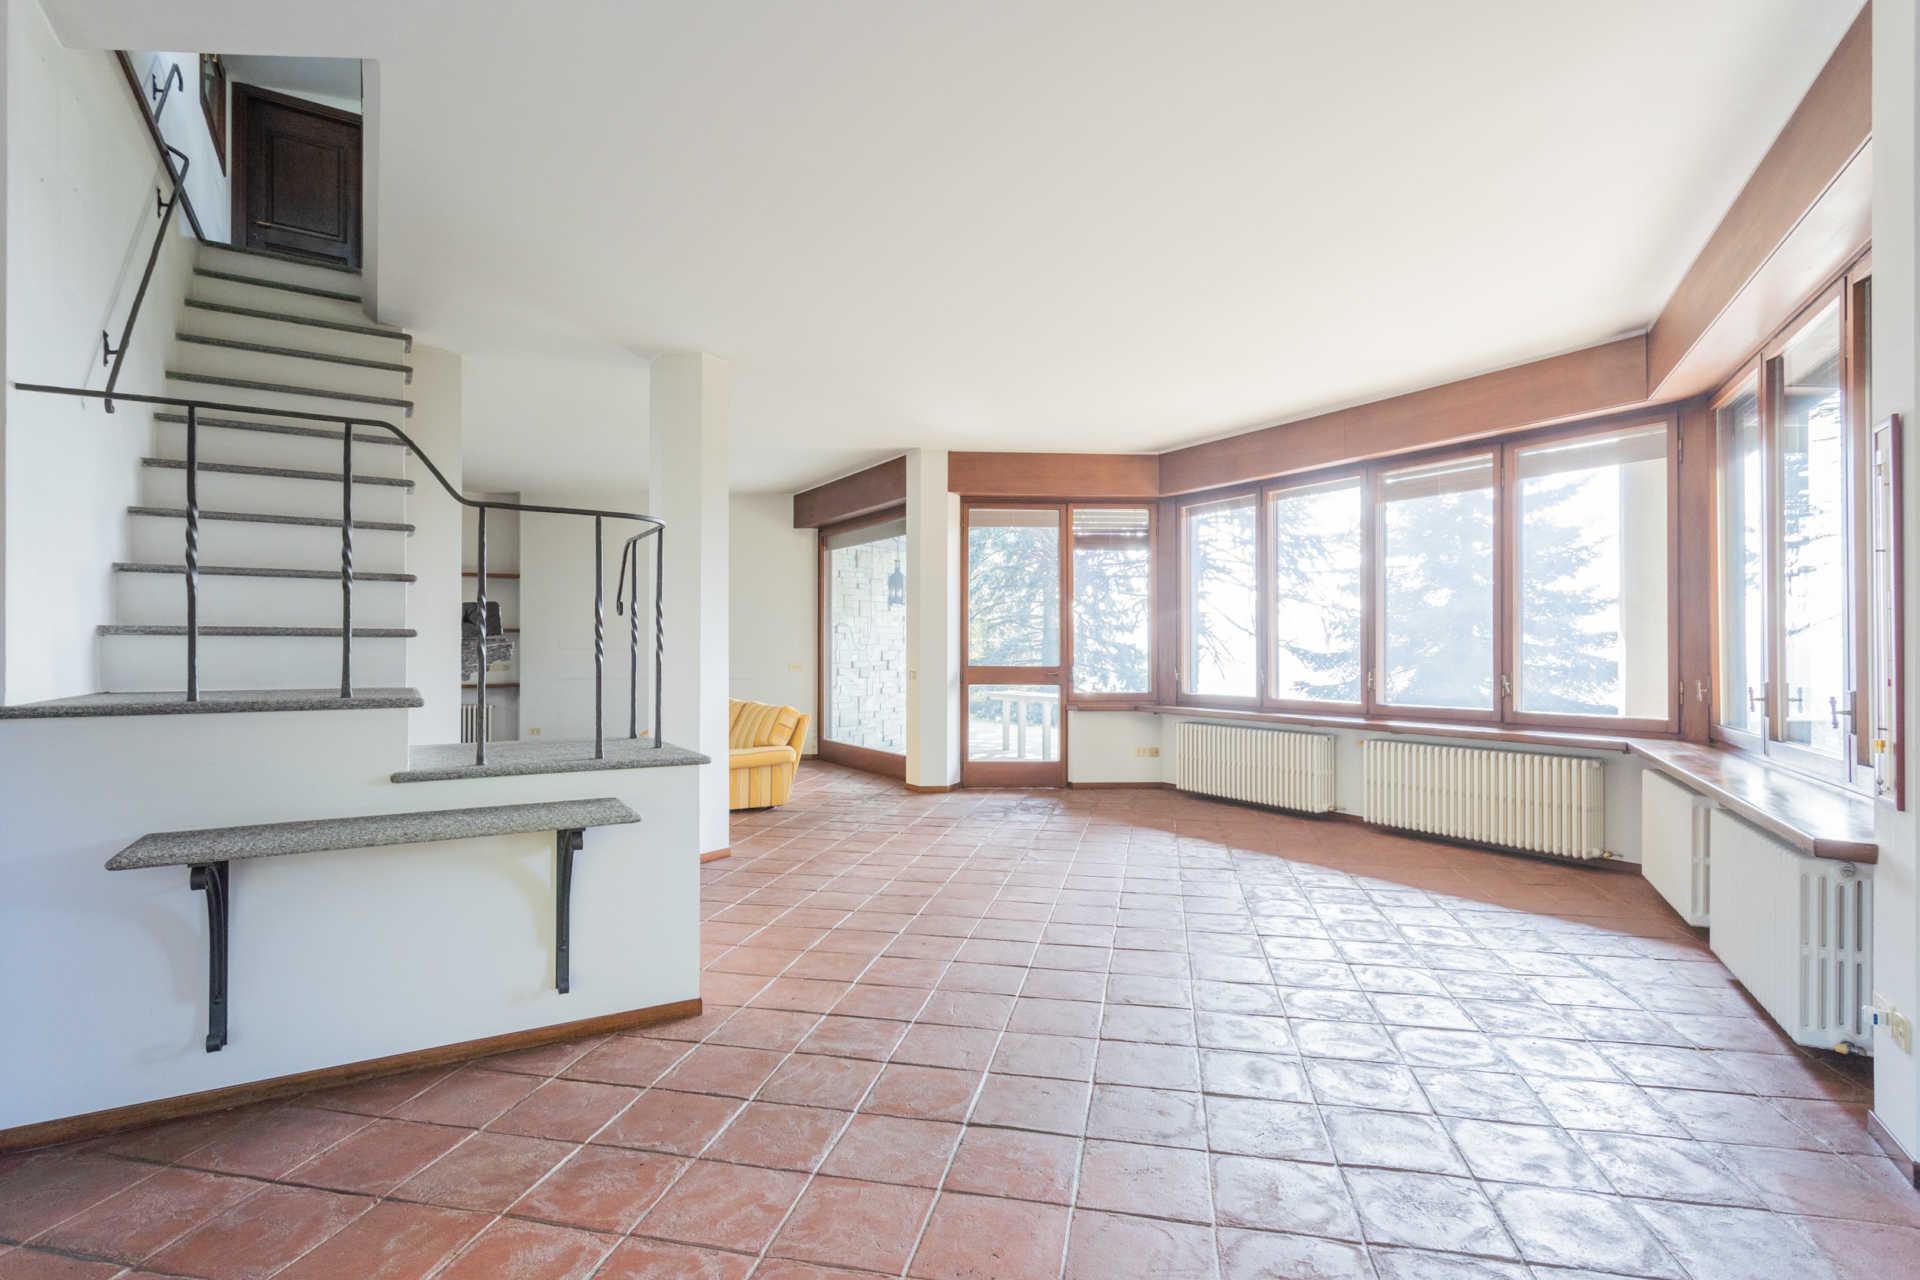 Villa-singola-Carate-Brianza-in-vendita (23)